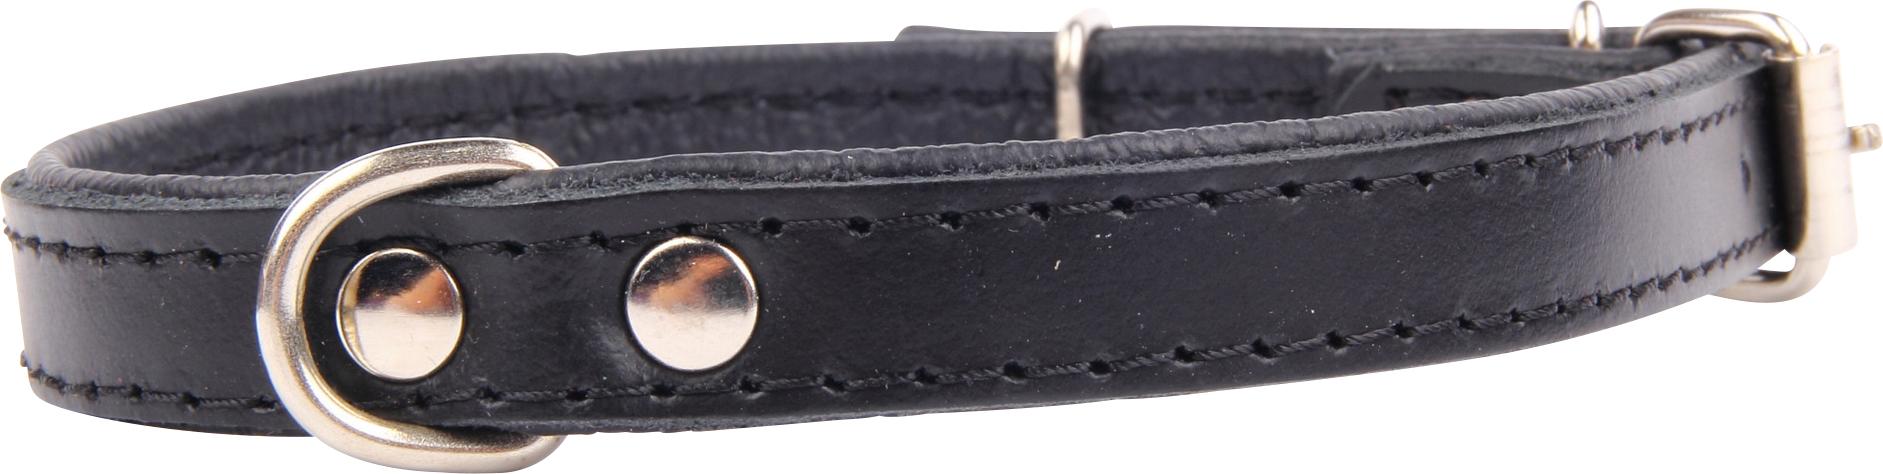 Läderhalsband, Svart 45 cm